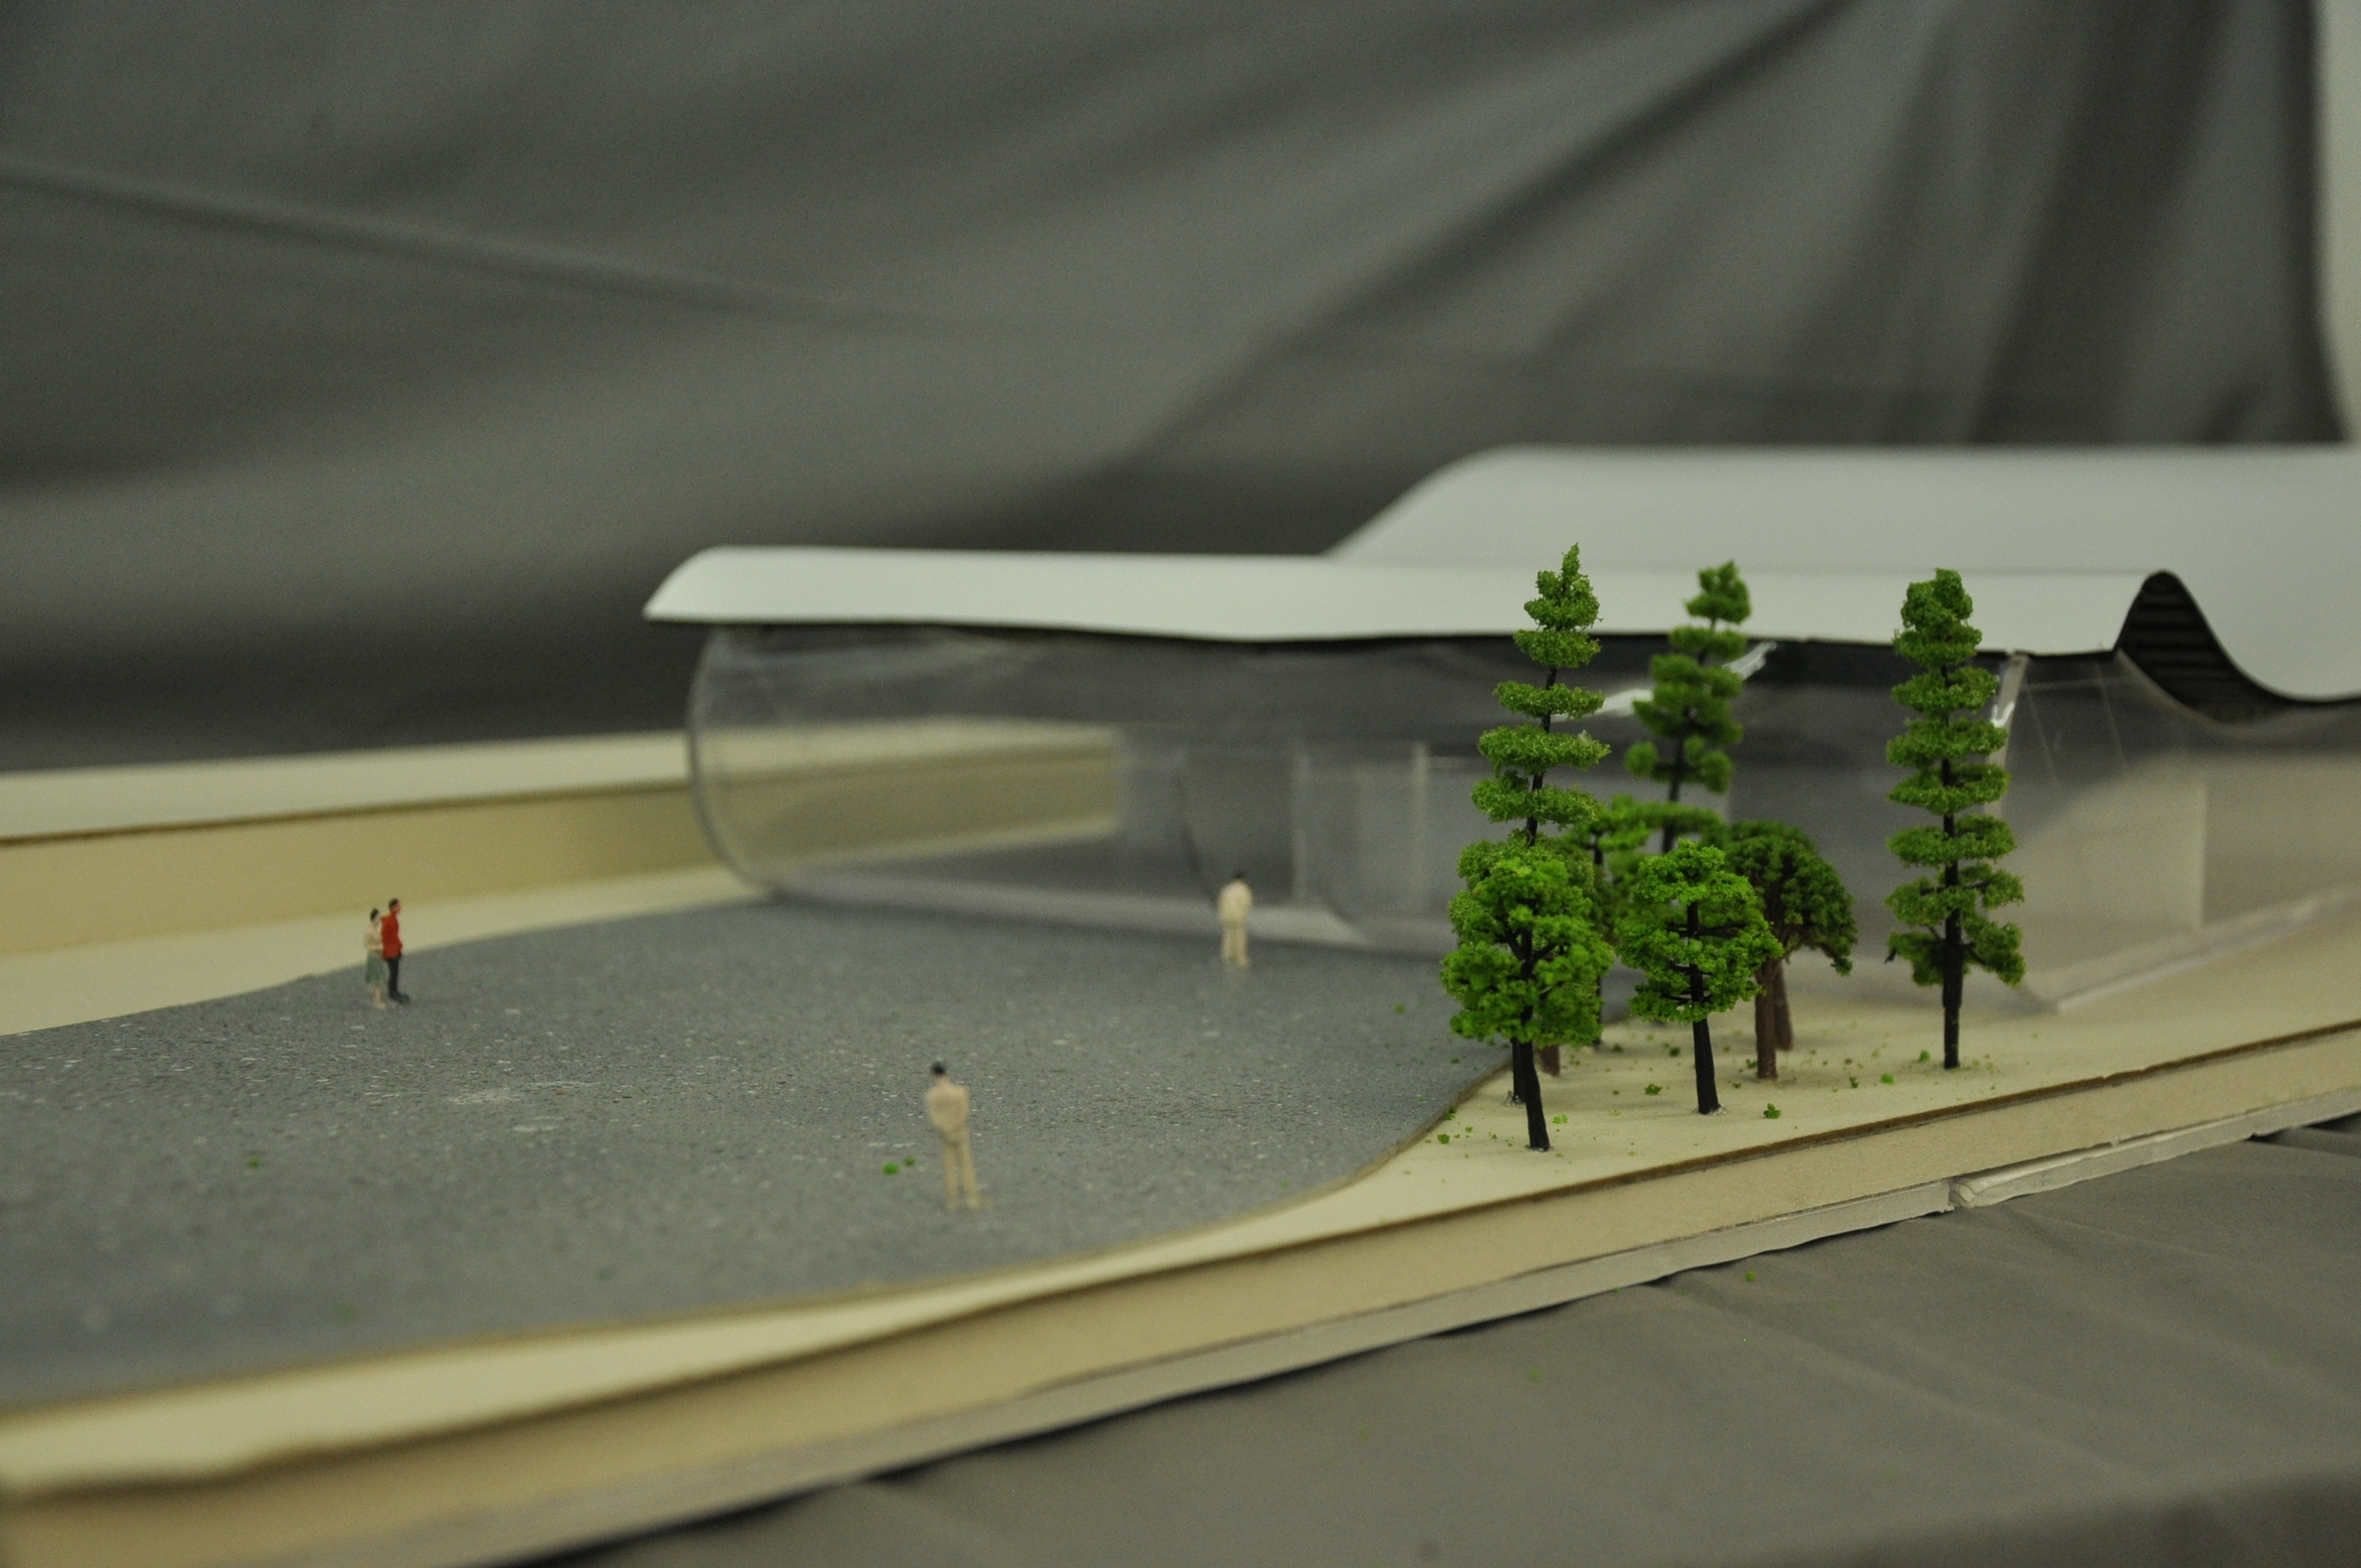 תכנון מרכז ספורט ימי, הנדסאי אדריכלות - מגיש ניר קניג, מרצה לירז גרוס. צילום: מאיה לוי - שנקר הנדסאים